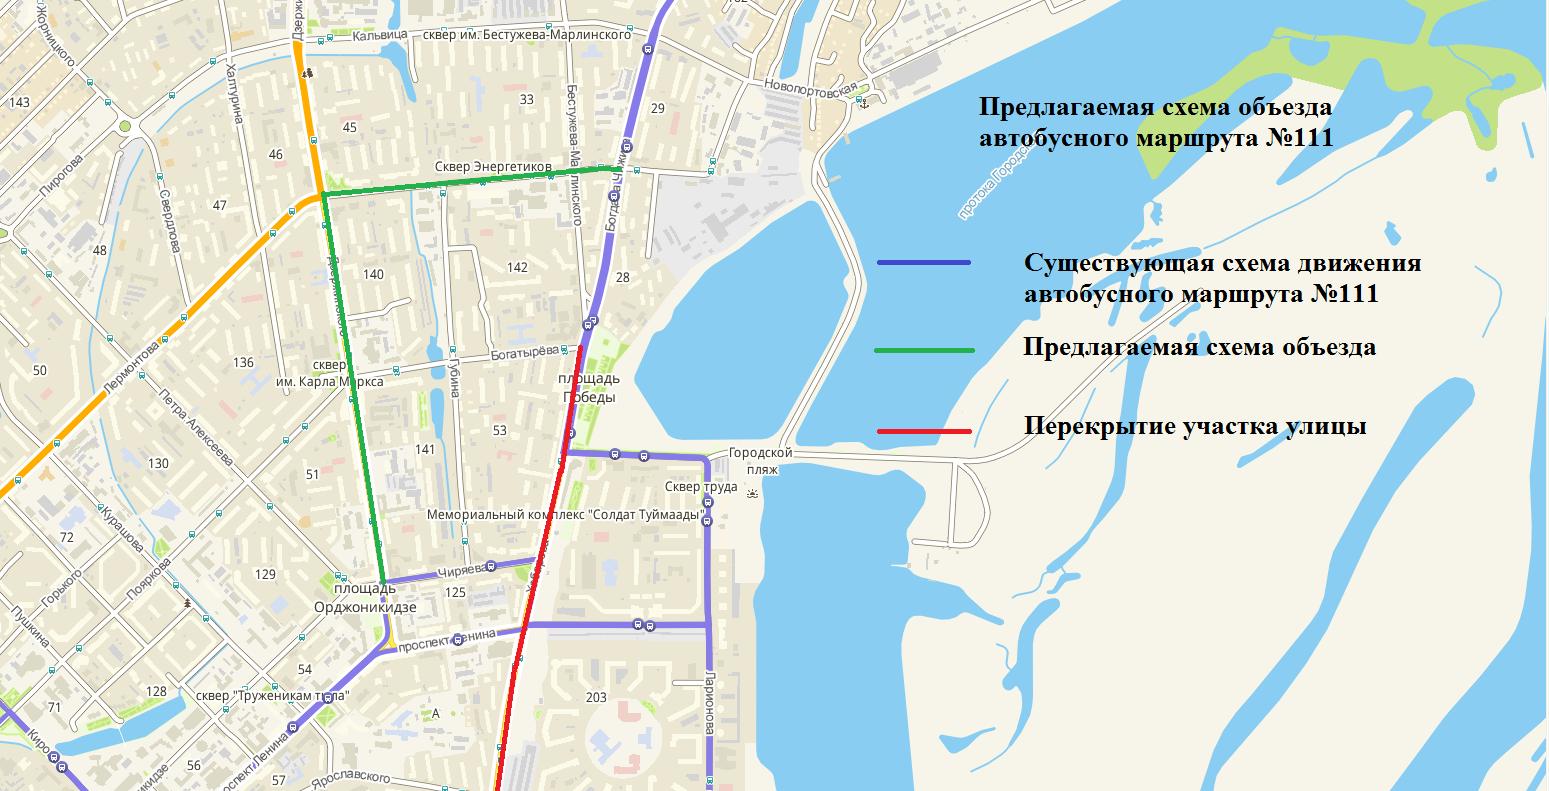 Об ограничении движения транспортных средств по улицам Хабарова и Чернышевского